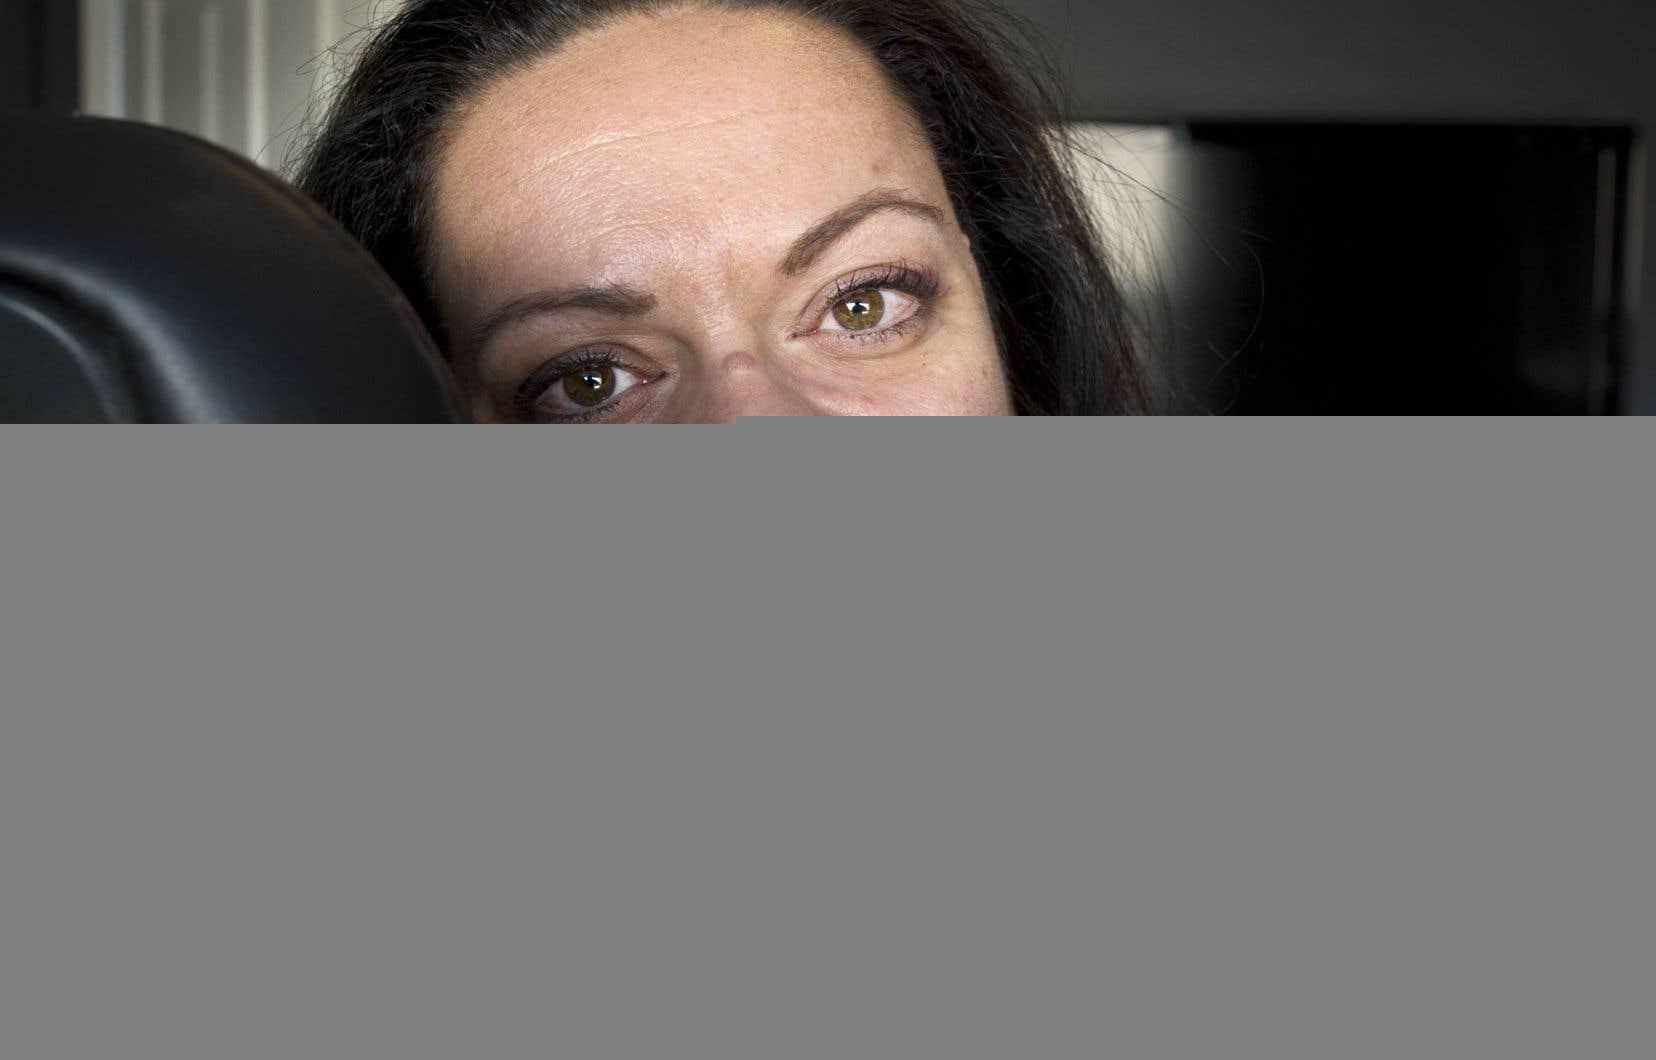 Victime d'agression sexuelle au cours de son enfance, Marie-Karina Dimitri affirme avoir pu reprendre le contrôle de sa vie grâce aux soins prodigués par La Traversée.